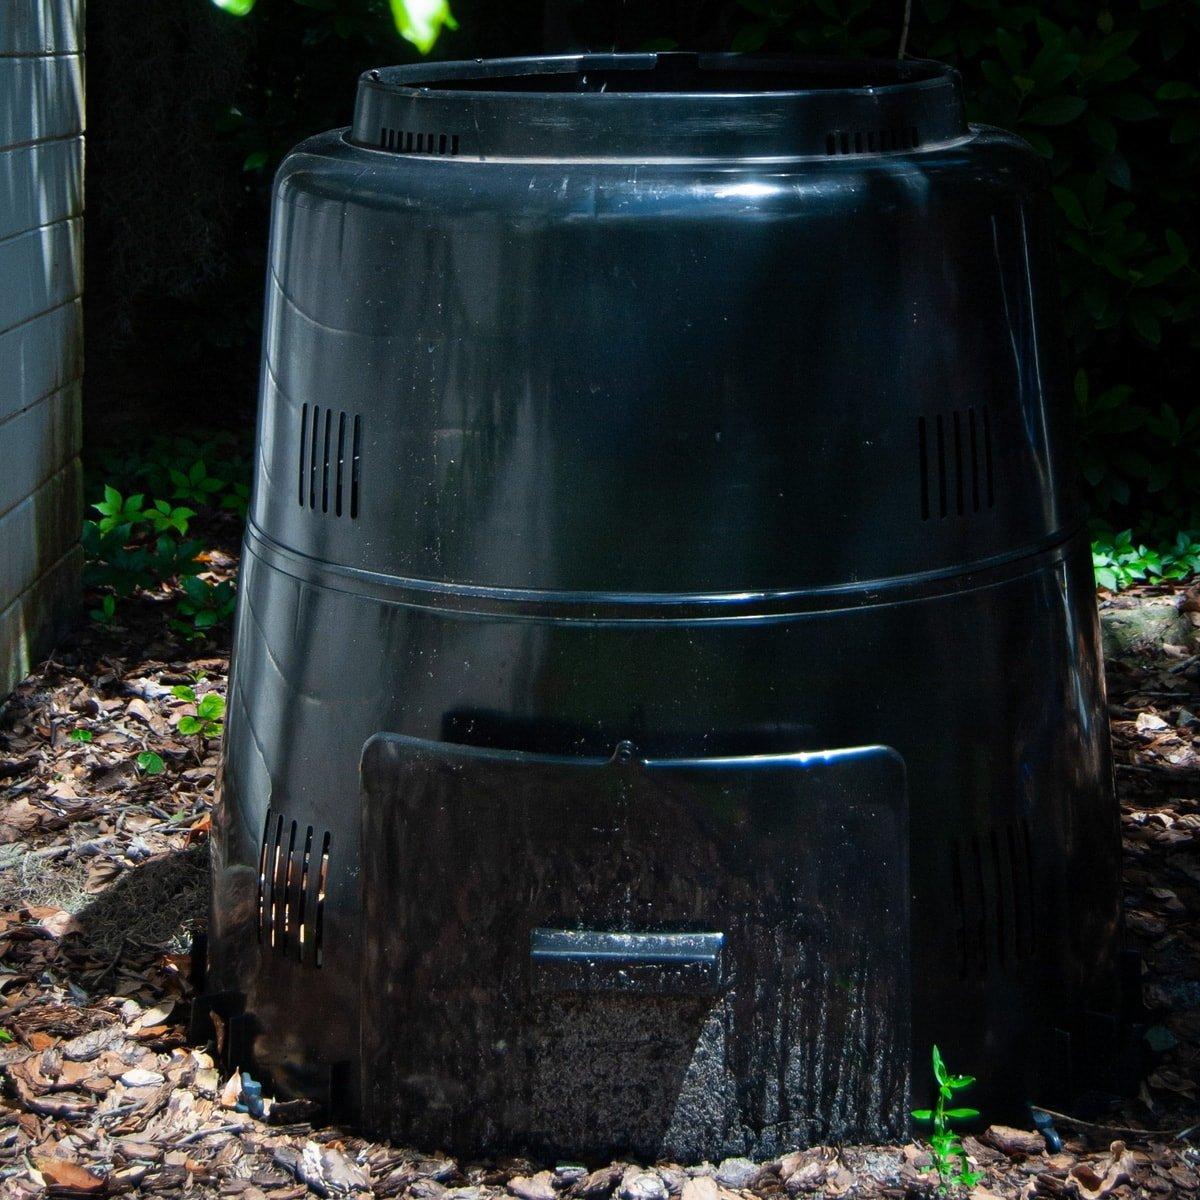 Acquire a Compost Bin or Compost Tumbler